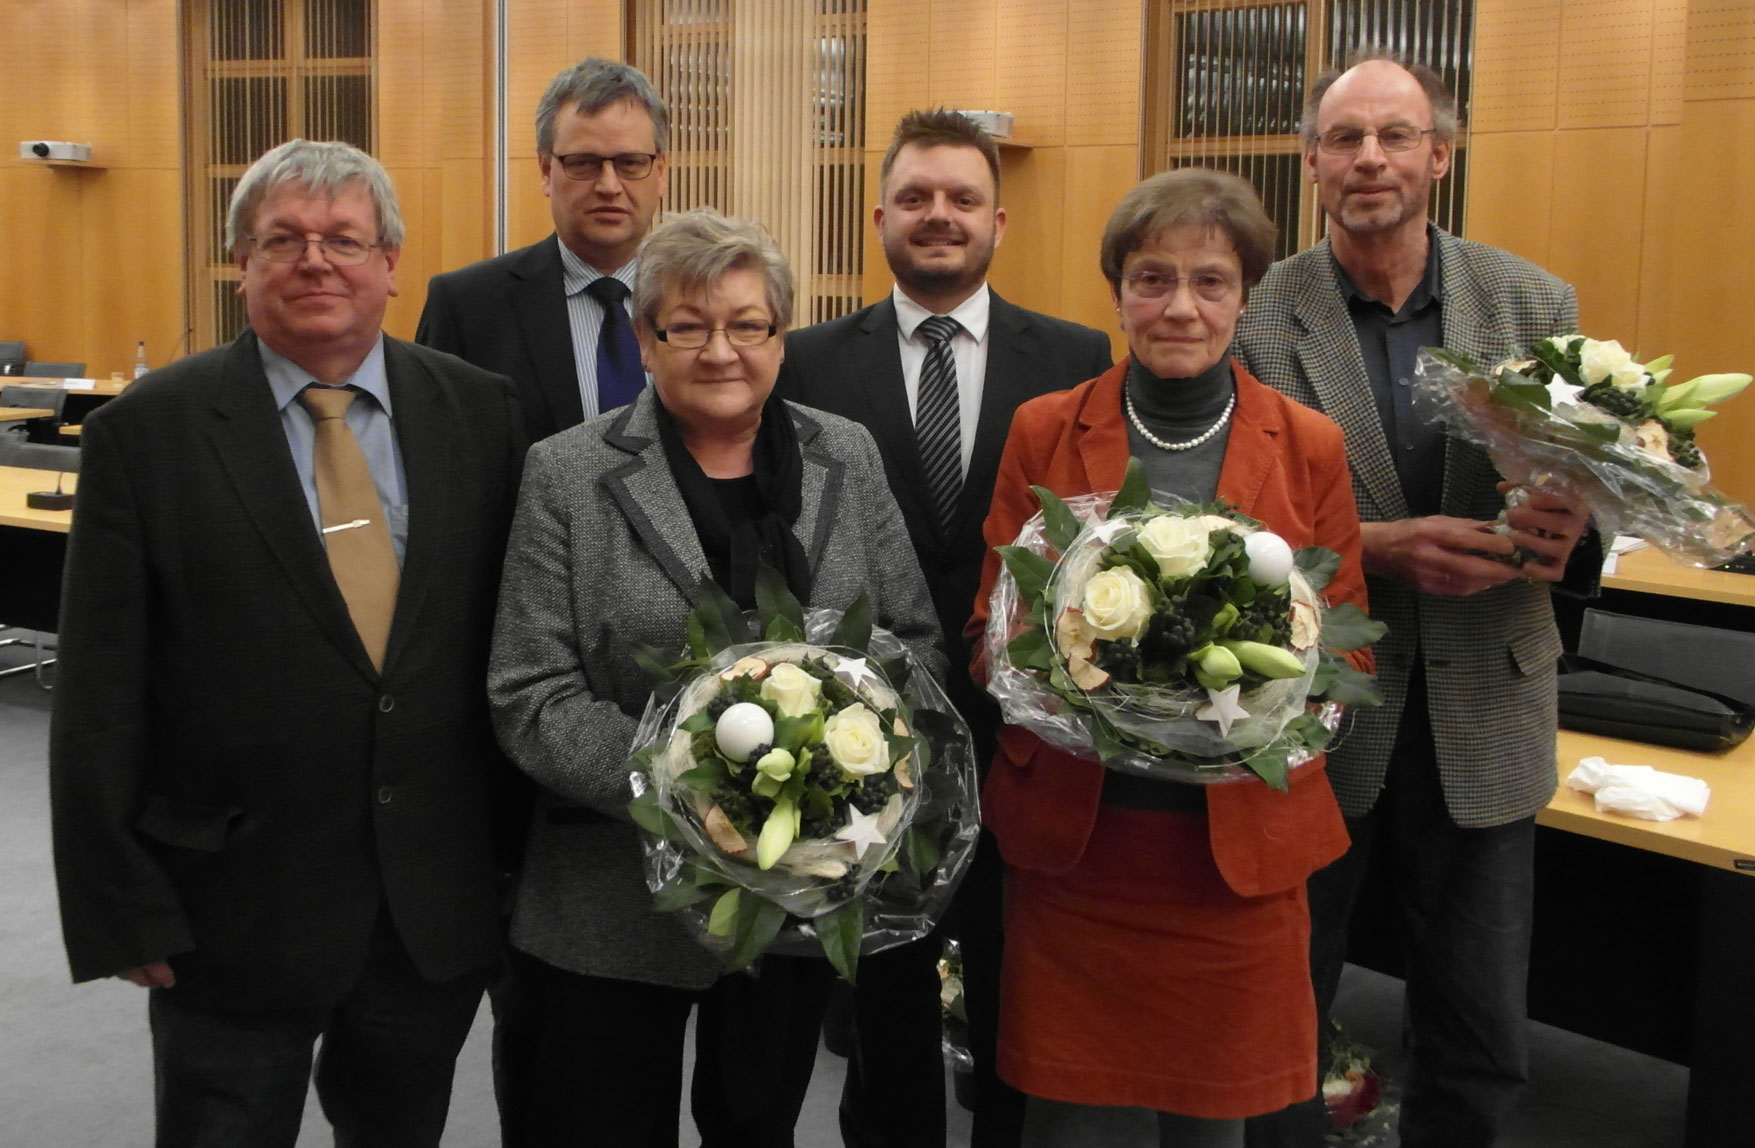 v.l.: Michael Kunst, Carsten Schöneberg, Beate Abke, Fraktionsvorsitzender Michael Schönbeck, Helga Kämper und Friedhelm Eickmann